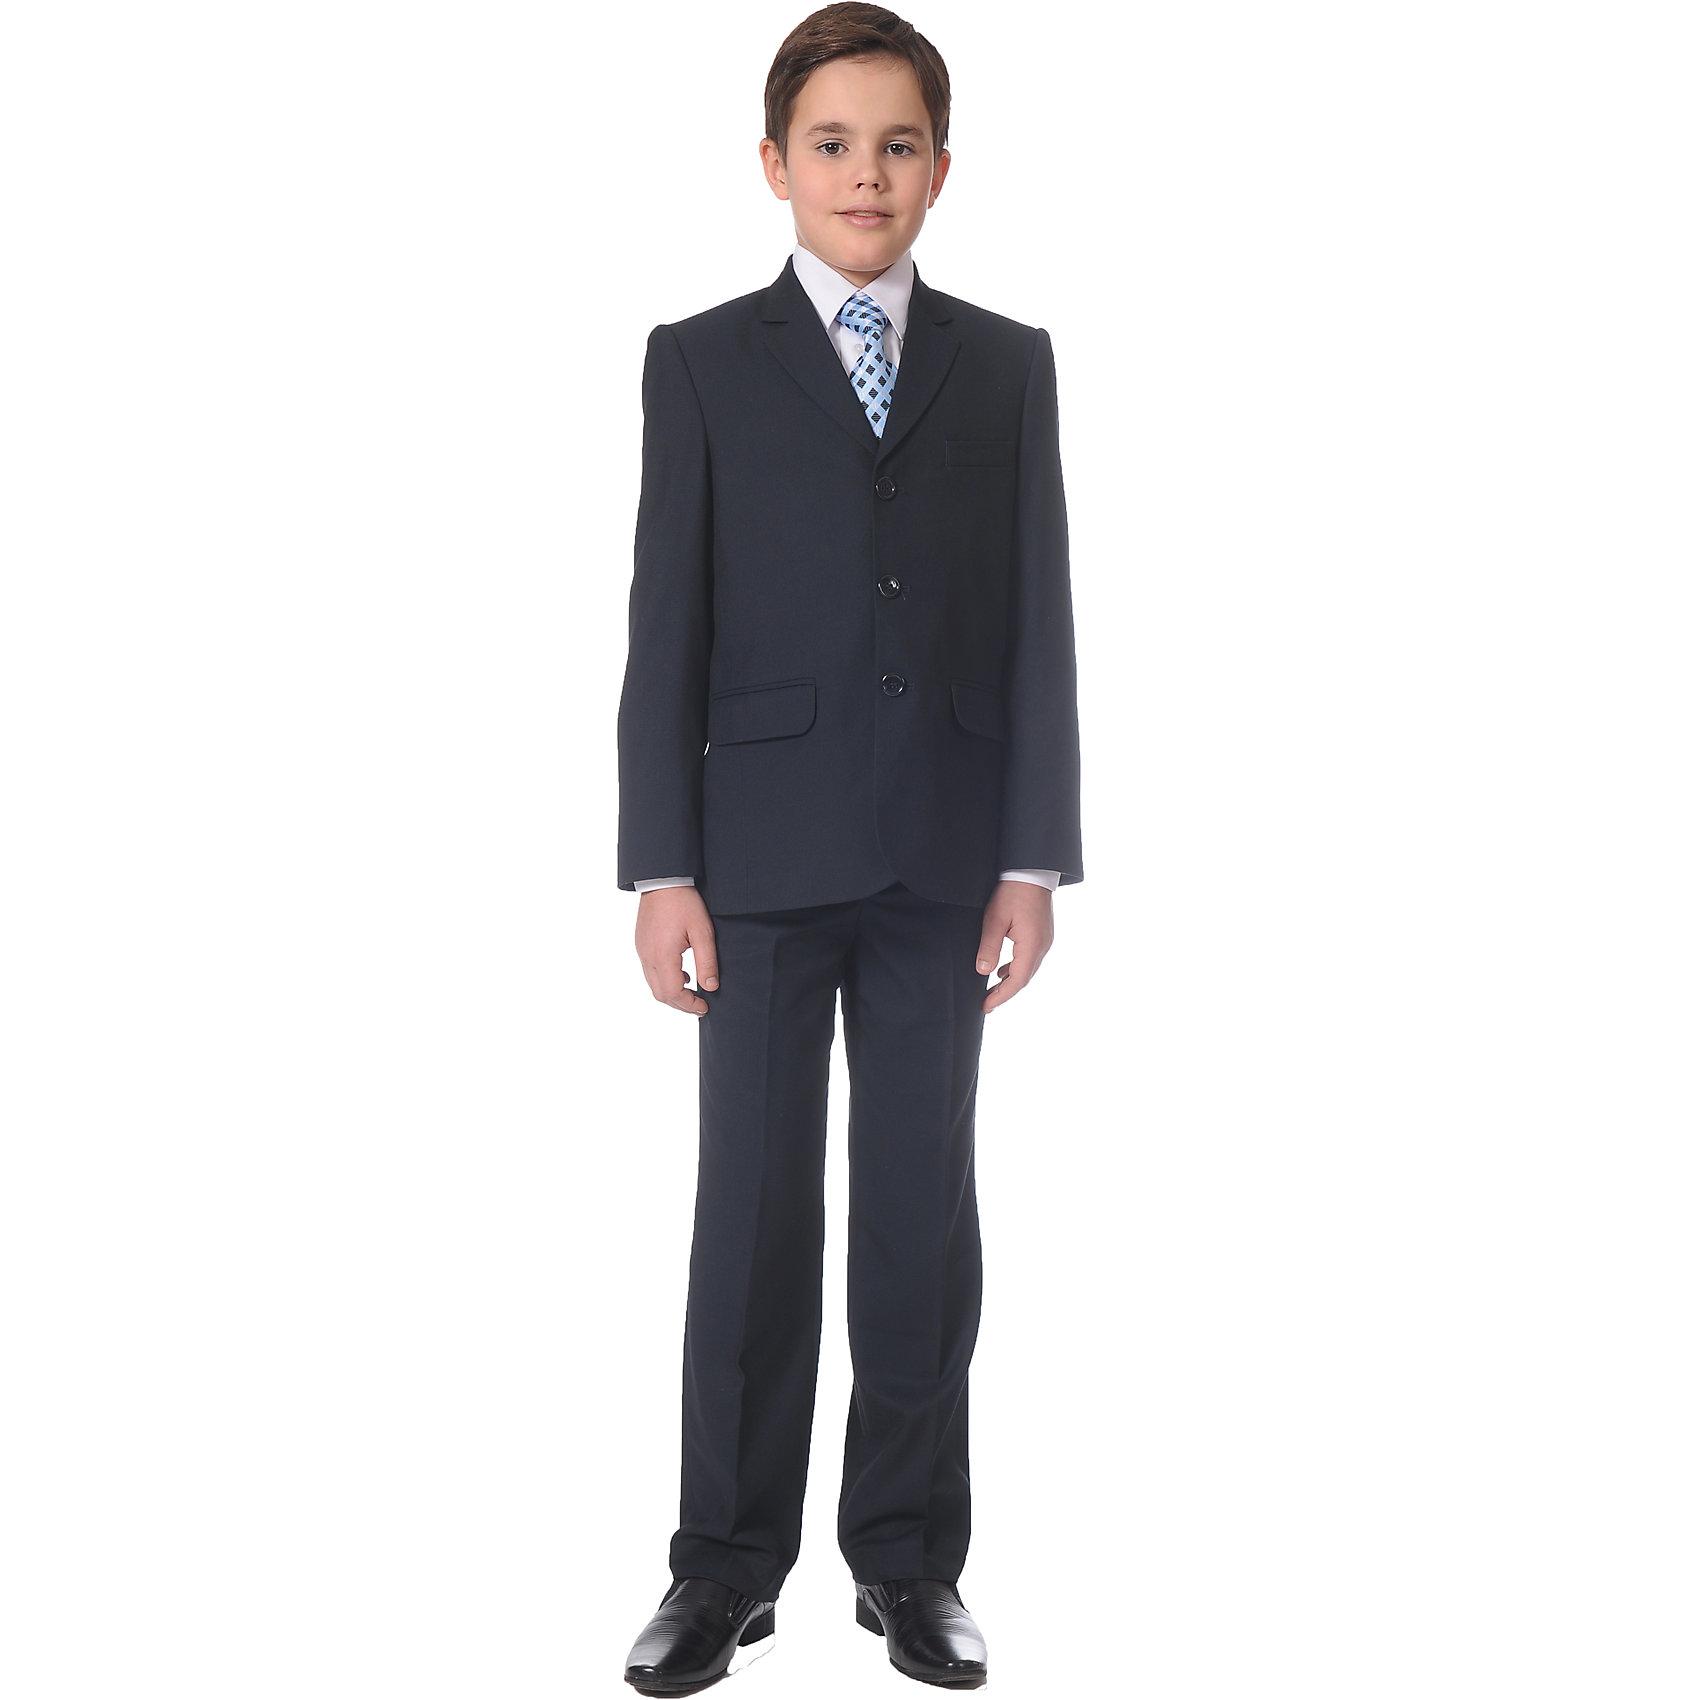 Костюм для мальчика Президент SkylakeКостюмы и пиджаки<br>Характеристики товара:<br><br>• цвет: синий<br>• материал: 80% полиэстер, 20% вискоза<br>• подкладка: 47% вискоза, 53% полиэстер<br>• сезон: демисезон<br>• классический силуэт<br>• однобортный пиджак<br>• лацканы пиджака удлиненные узкие<br>• нагрудный карман<br>• с одним внутренним прорезным карманом<br>• застежка пиджака: пуговицы<br>• брюки со стрелками прямые<br>• боковые карманы<br>• застежка: пуговица, молния<br>• шлевки для ремня<br>• регулируемая талия<br>• легкий уход <br>• страна бренда: Российская Федерация<br>• страна производства: Российская Федерация<br><br>Классический школьный костюм для мальчика. Брюки со стрелками прямые. Пояс притачной на корсаже с регуляторами на пуговицах. Пиджак на подкладке с одним внутренним прорезным карманом.<br><br>Это изделие сшито из качественного материала, хорошо сидит на детской фигуре, легко стирается.<br><br>Костюм для мальчика Президент от бренда SKY LAKE (Скай Лэйк) можно купить в нашем интернет-магазине.<br><br>Ширина мм: 247<br>Глубина мм: 16<br>Высота мм: 140<br>Вес г: 225<br>Цвет: синий<br>Возраст от месяцев: 144<br>Возраст до месяцев: 156<br>Пол: Мужской<br>Возраст: Детский<br>Размер: 158,122,128,134,146,152,134,140<br>SKU: 4709995